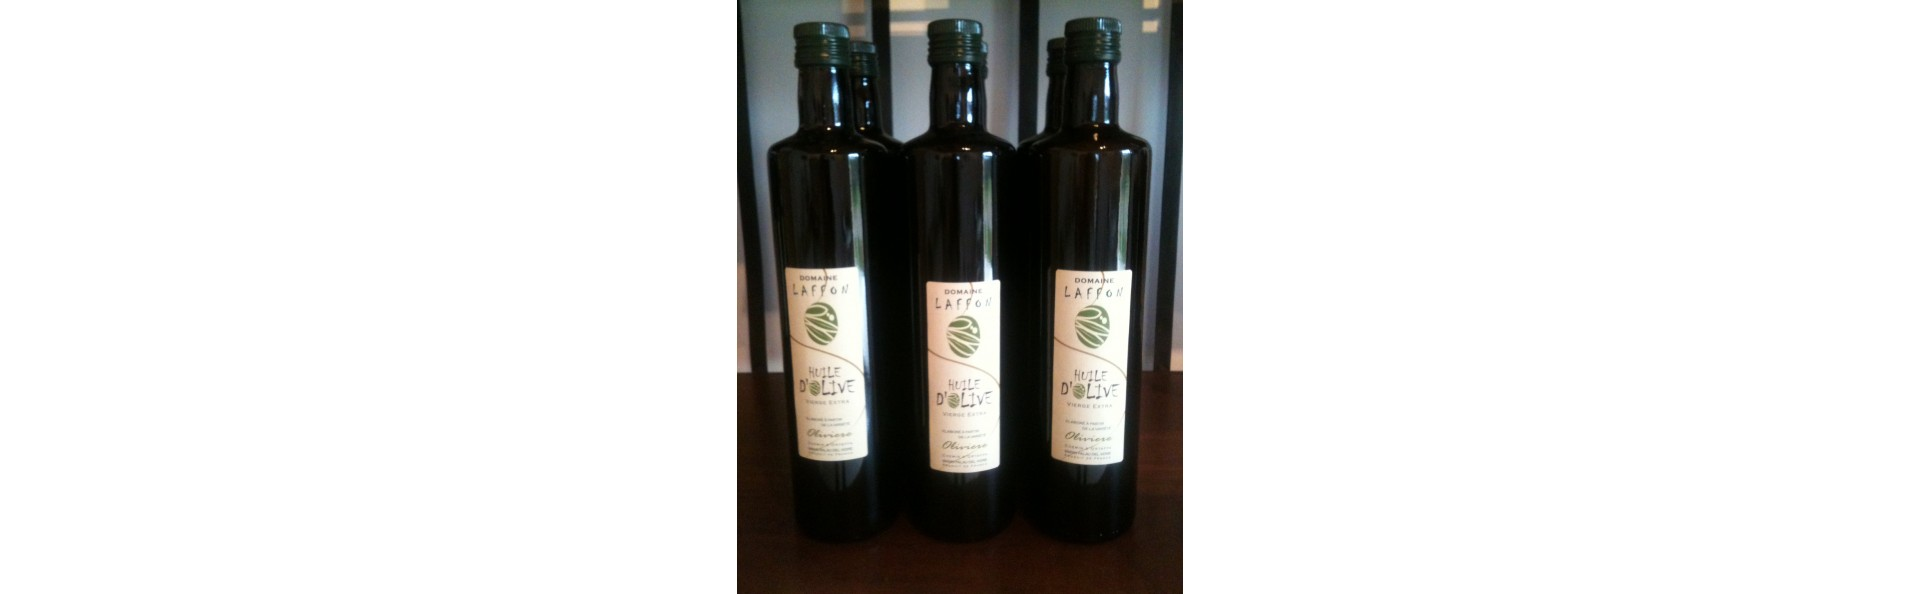 Huiles d'olives et olives  -